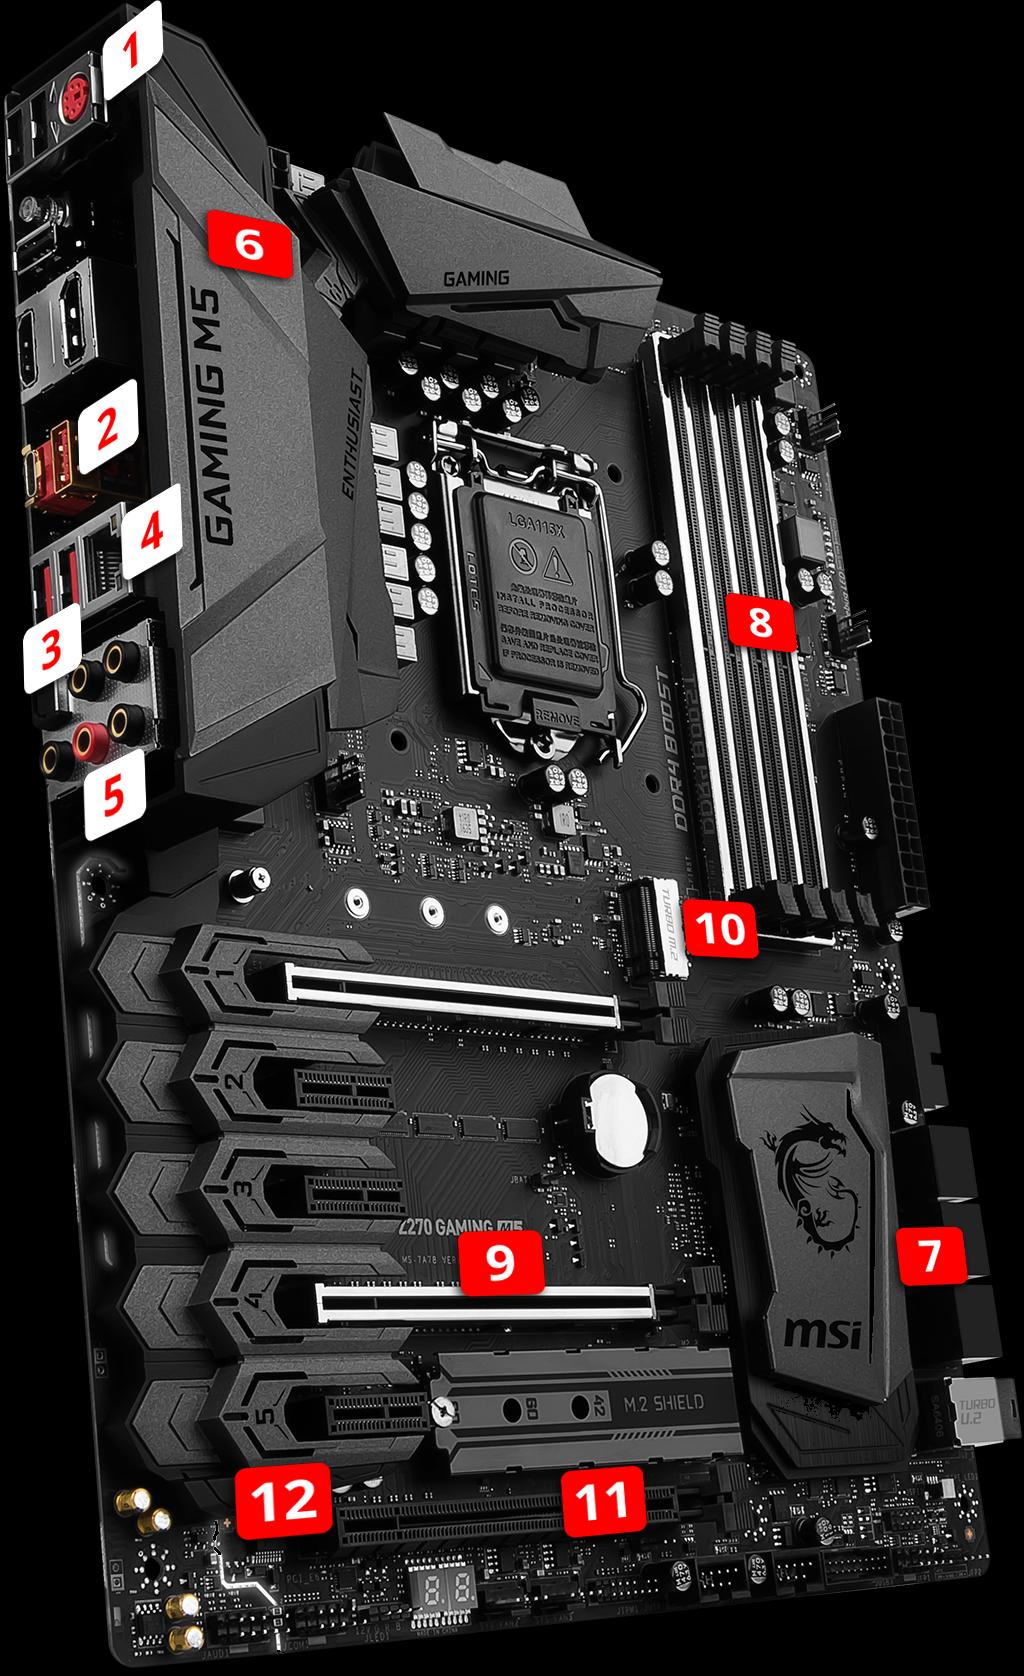 MSI Z270 Gaming M5 LGA1151 ATX Motherboard